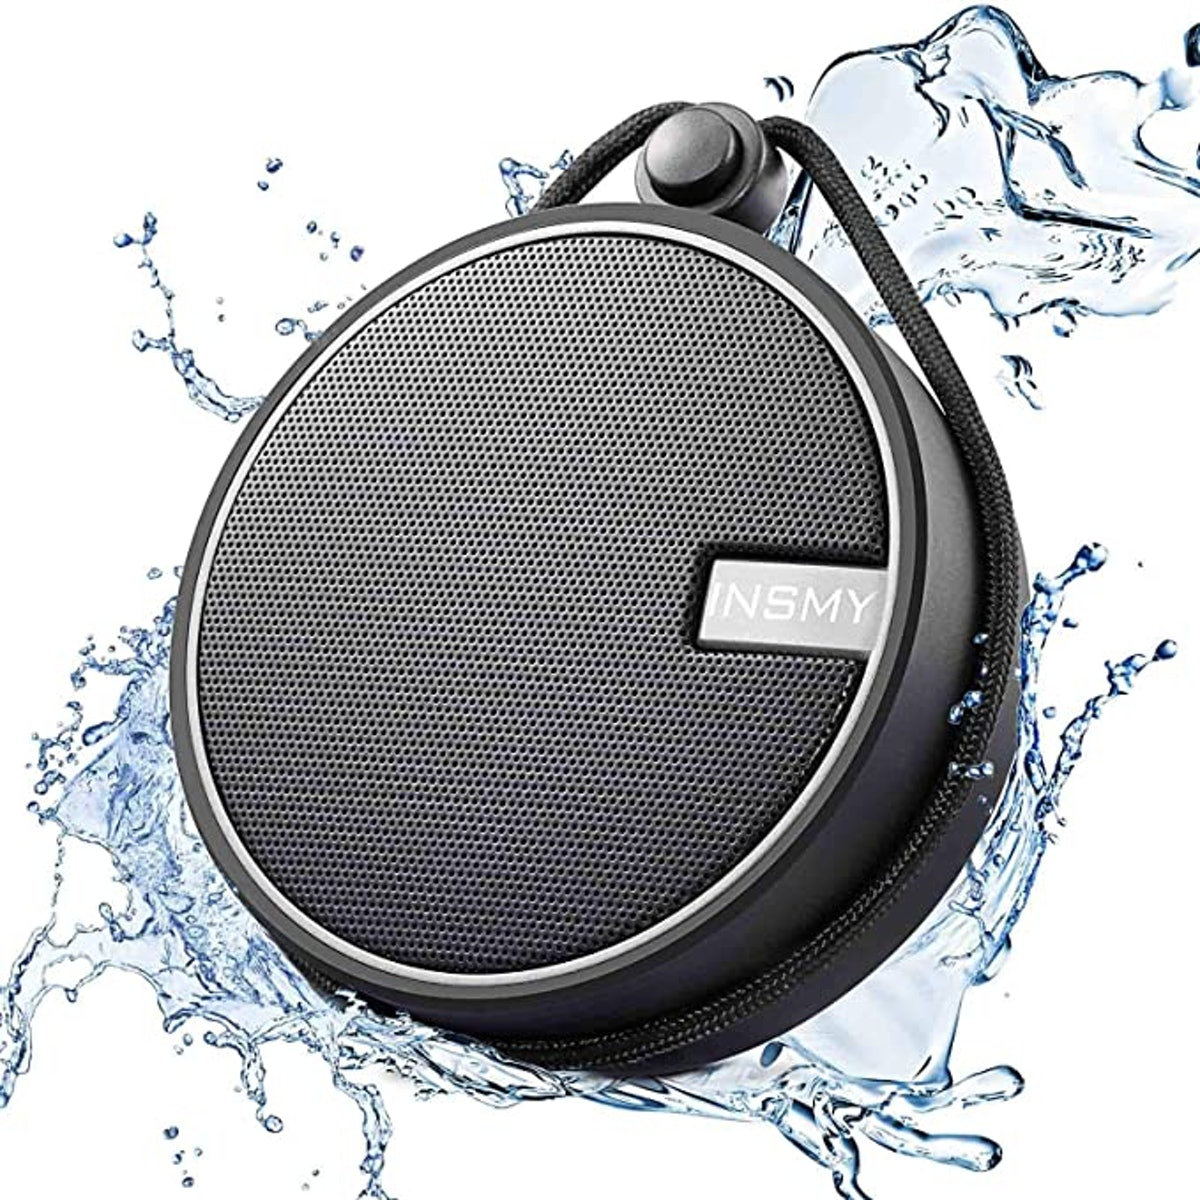 INSMY Waterproof Bluetooth Speaker